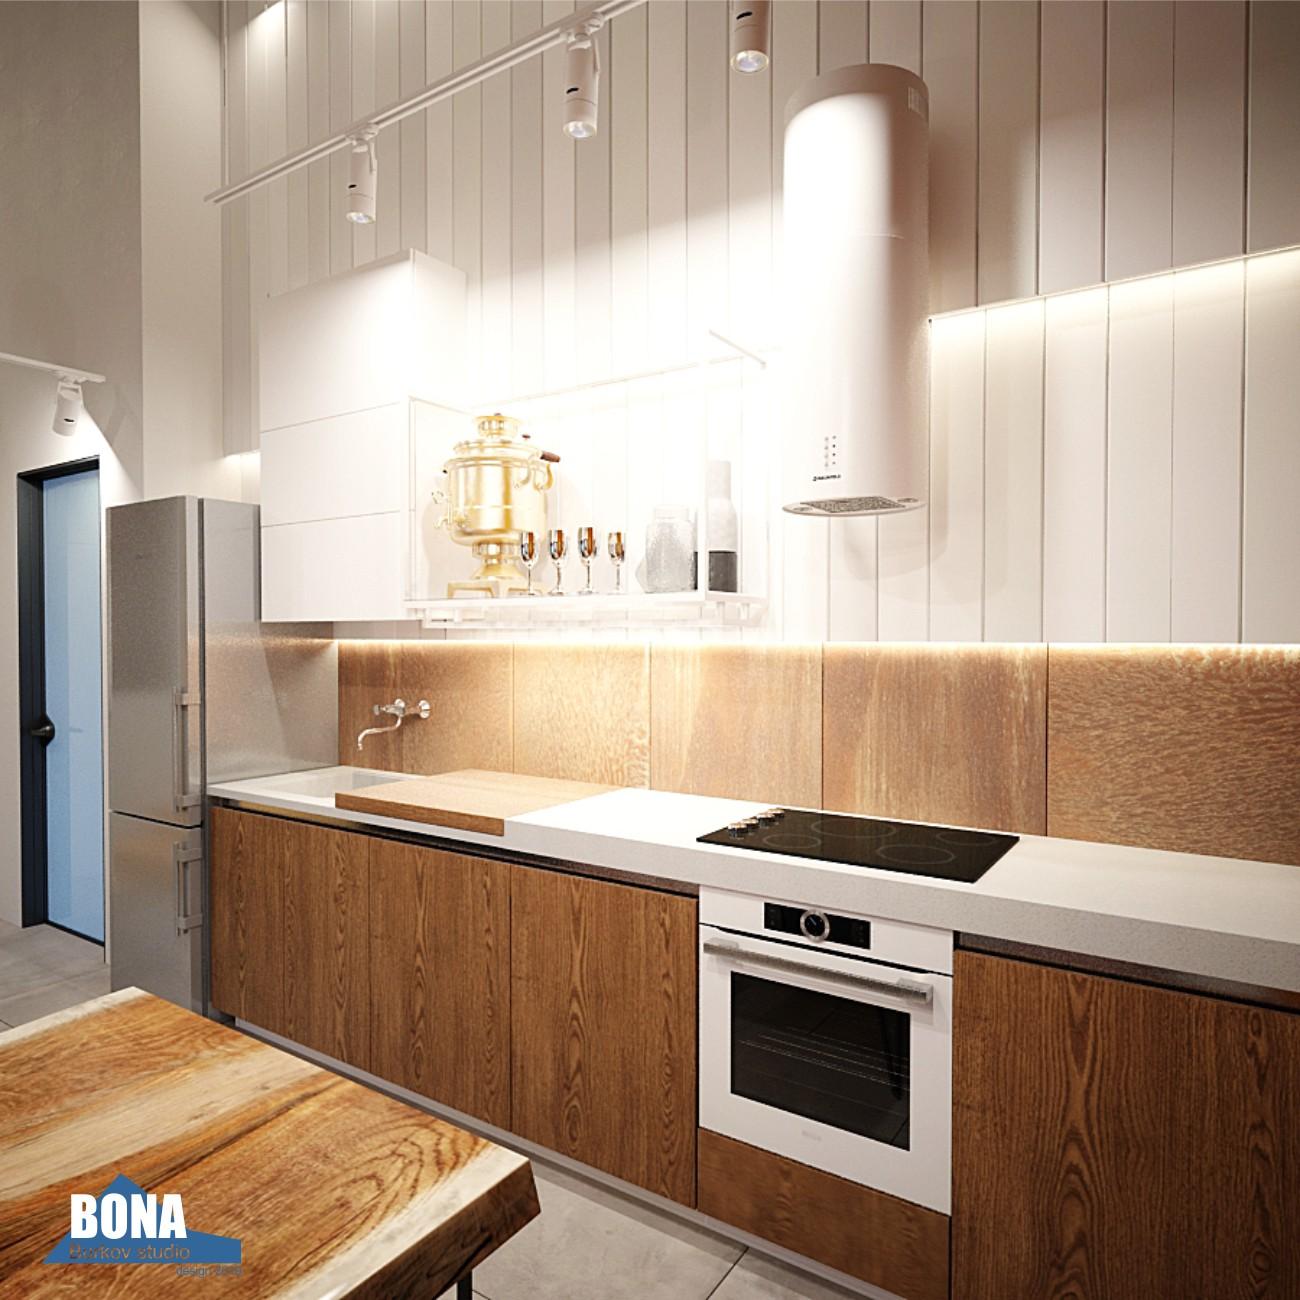 гарнитур кухни в гостевом доме